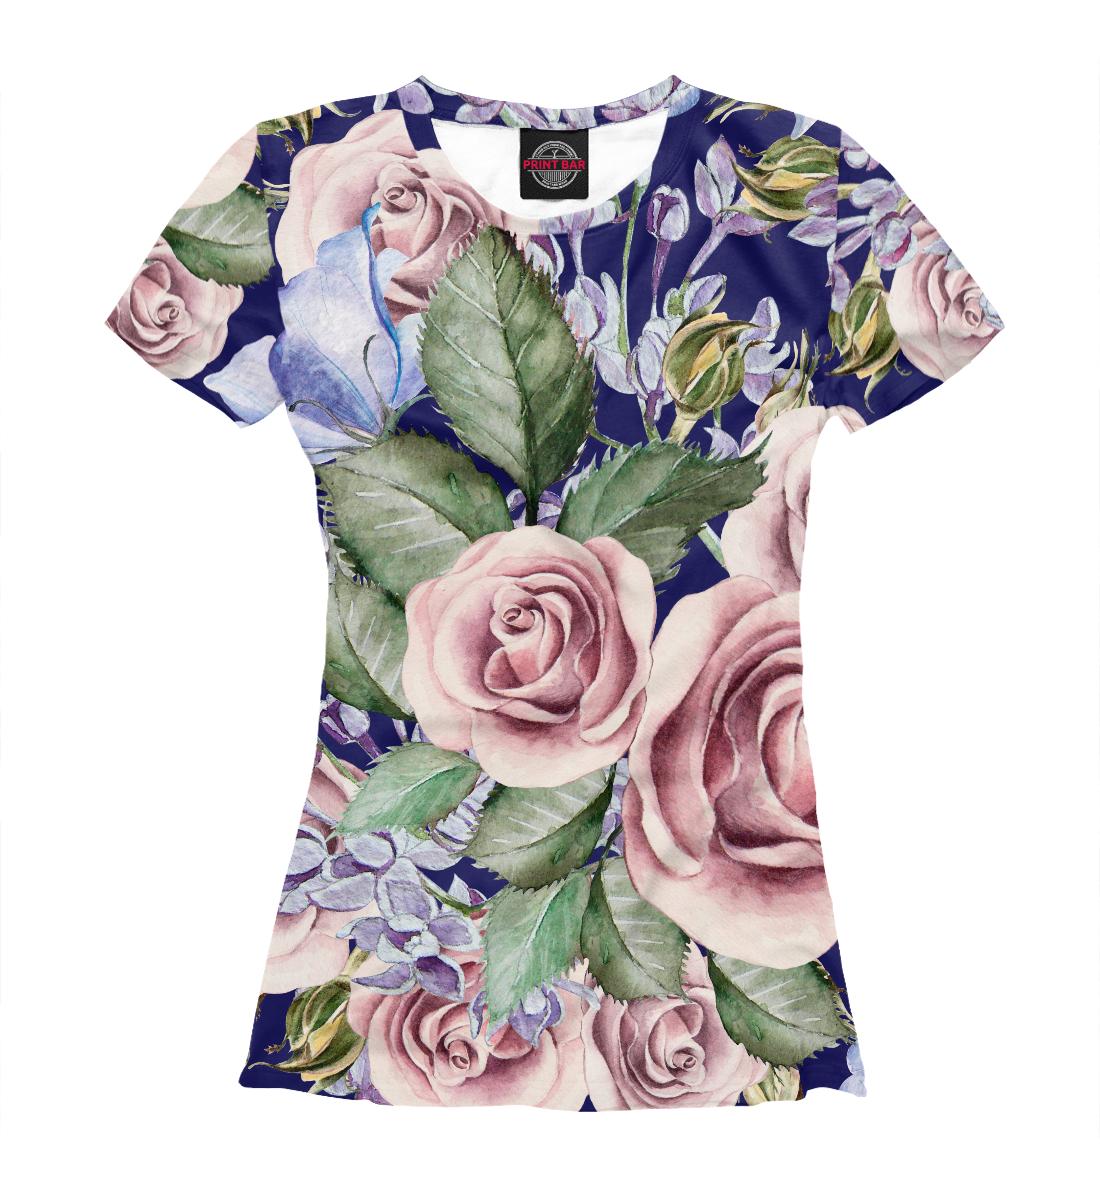 Купить Розы в саду, Printbar, Футболки, CVE-568937-fut-1